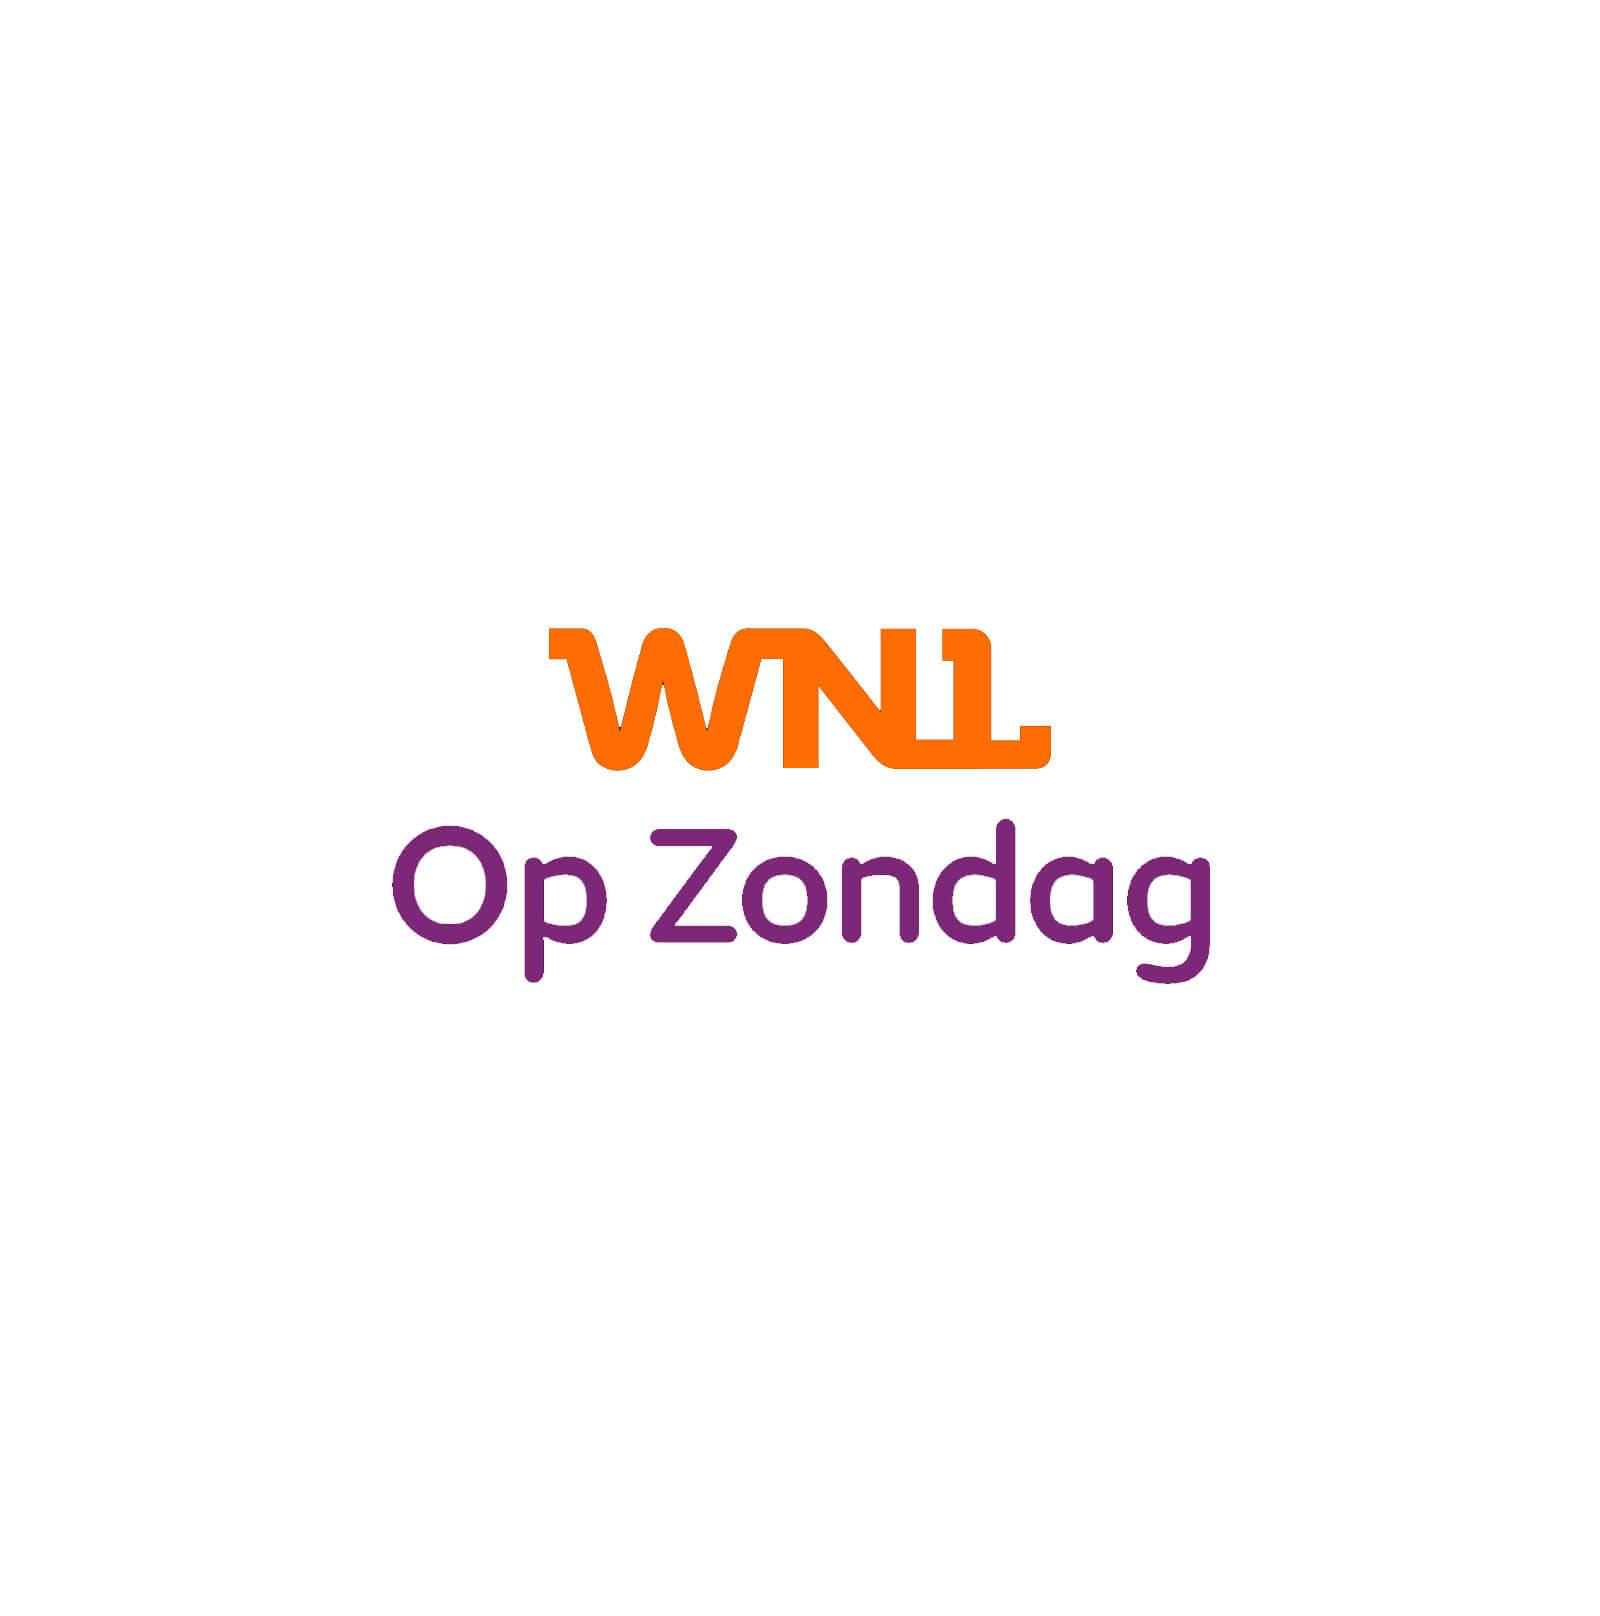 Koen Olthuis Bij WNL Op Zondag, 4 Februari 2018